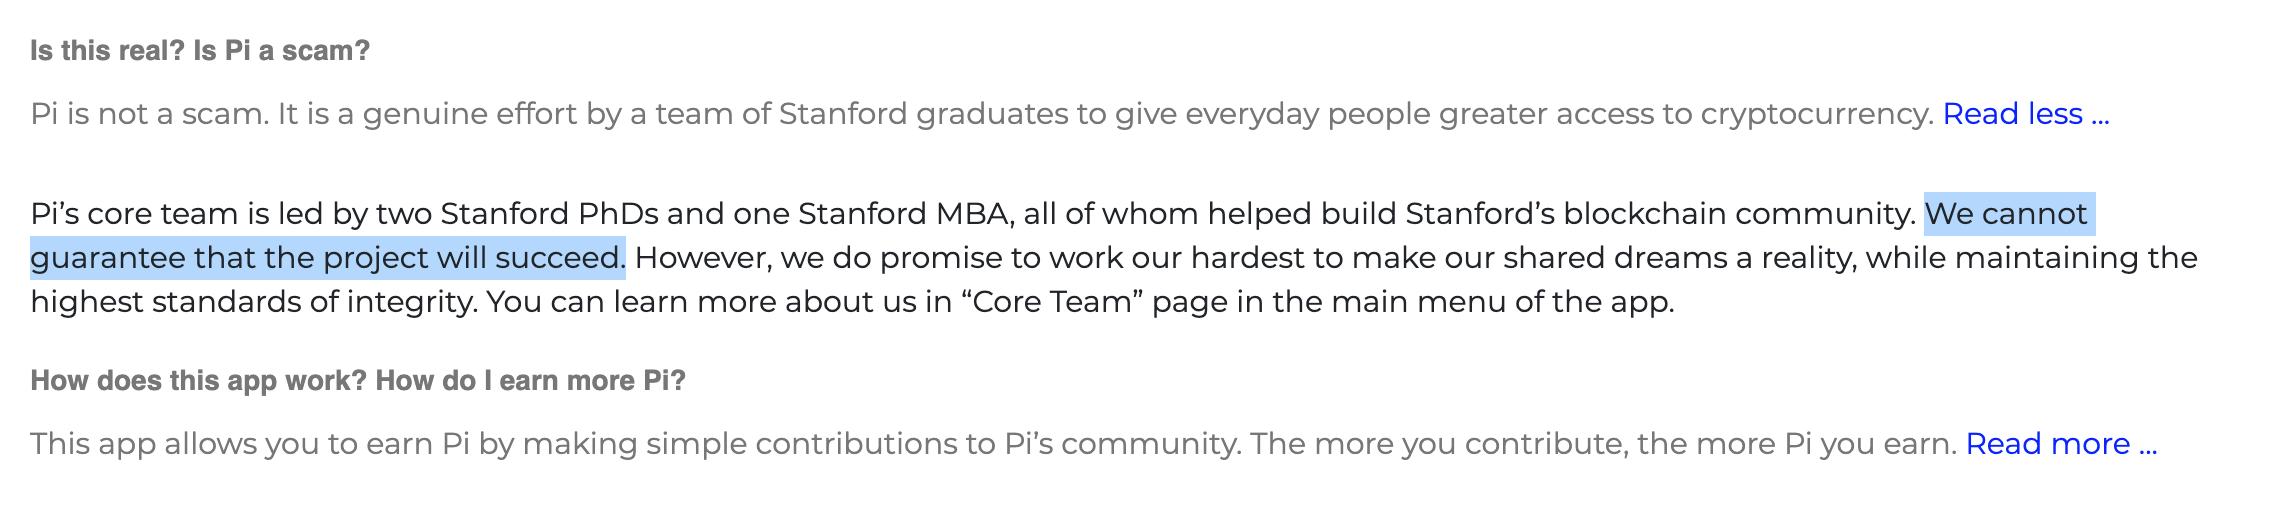 أصحاب عملة Pi Network لا يضمنوا نجاح مشروع العملة الرقمية المشفرة